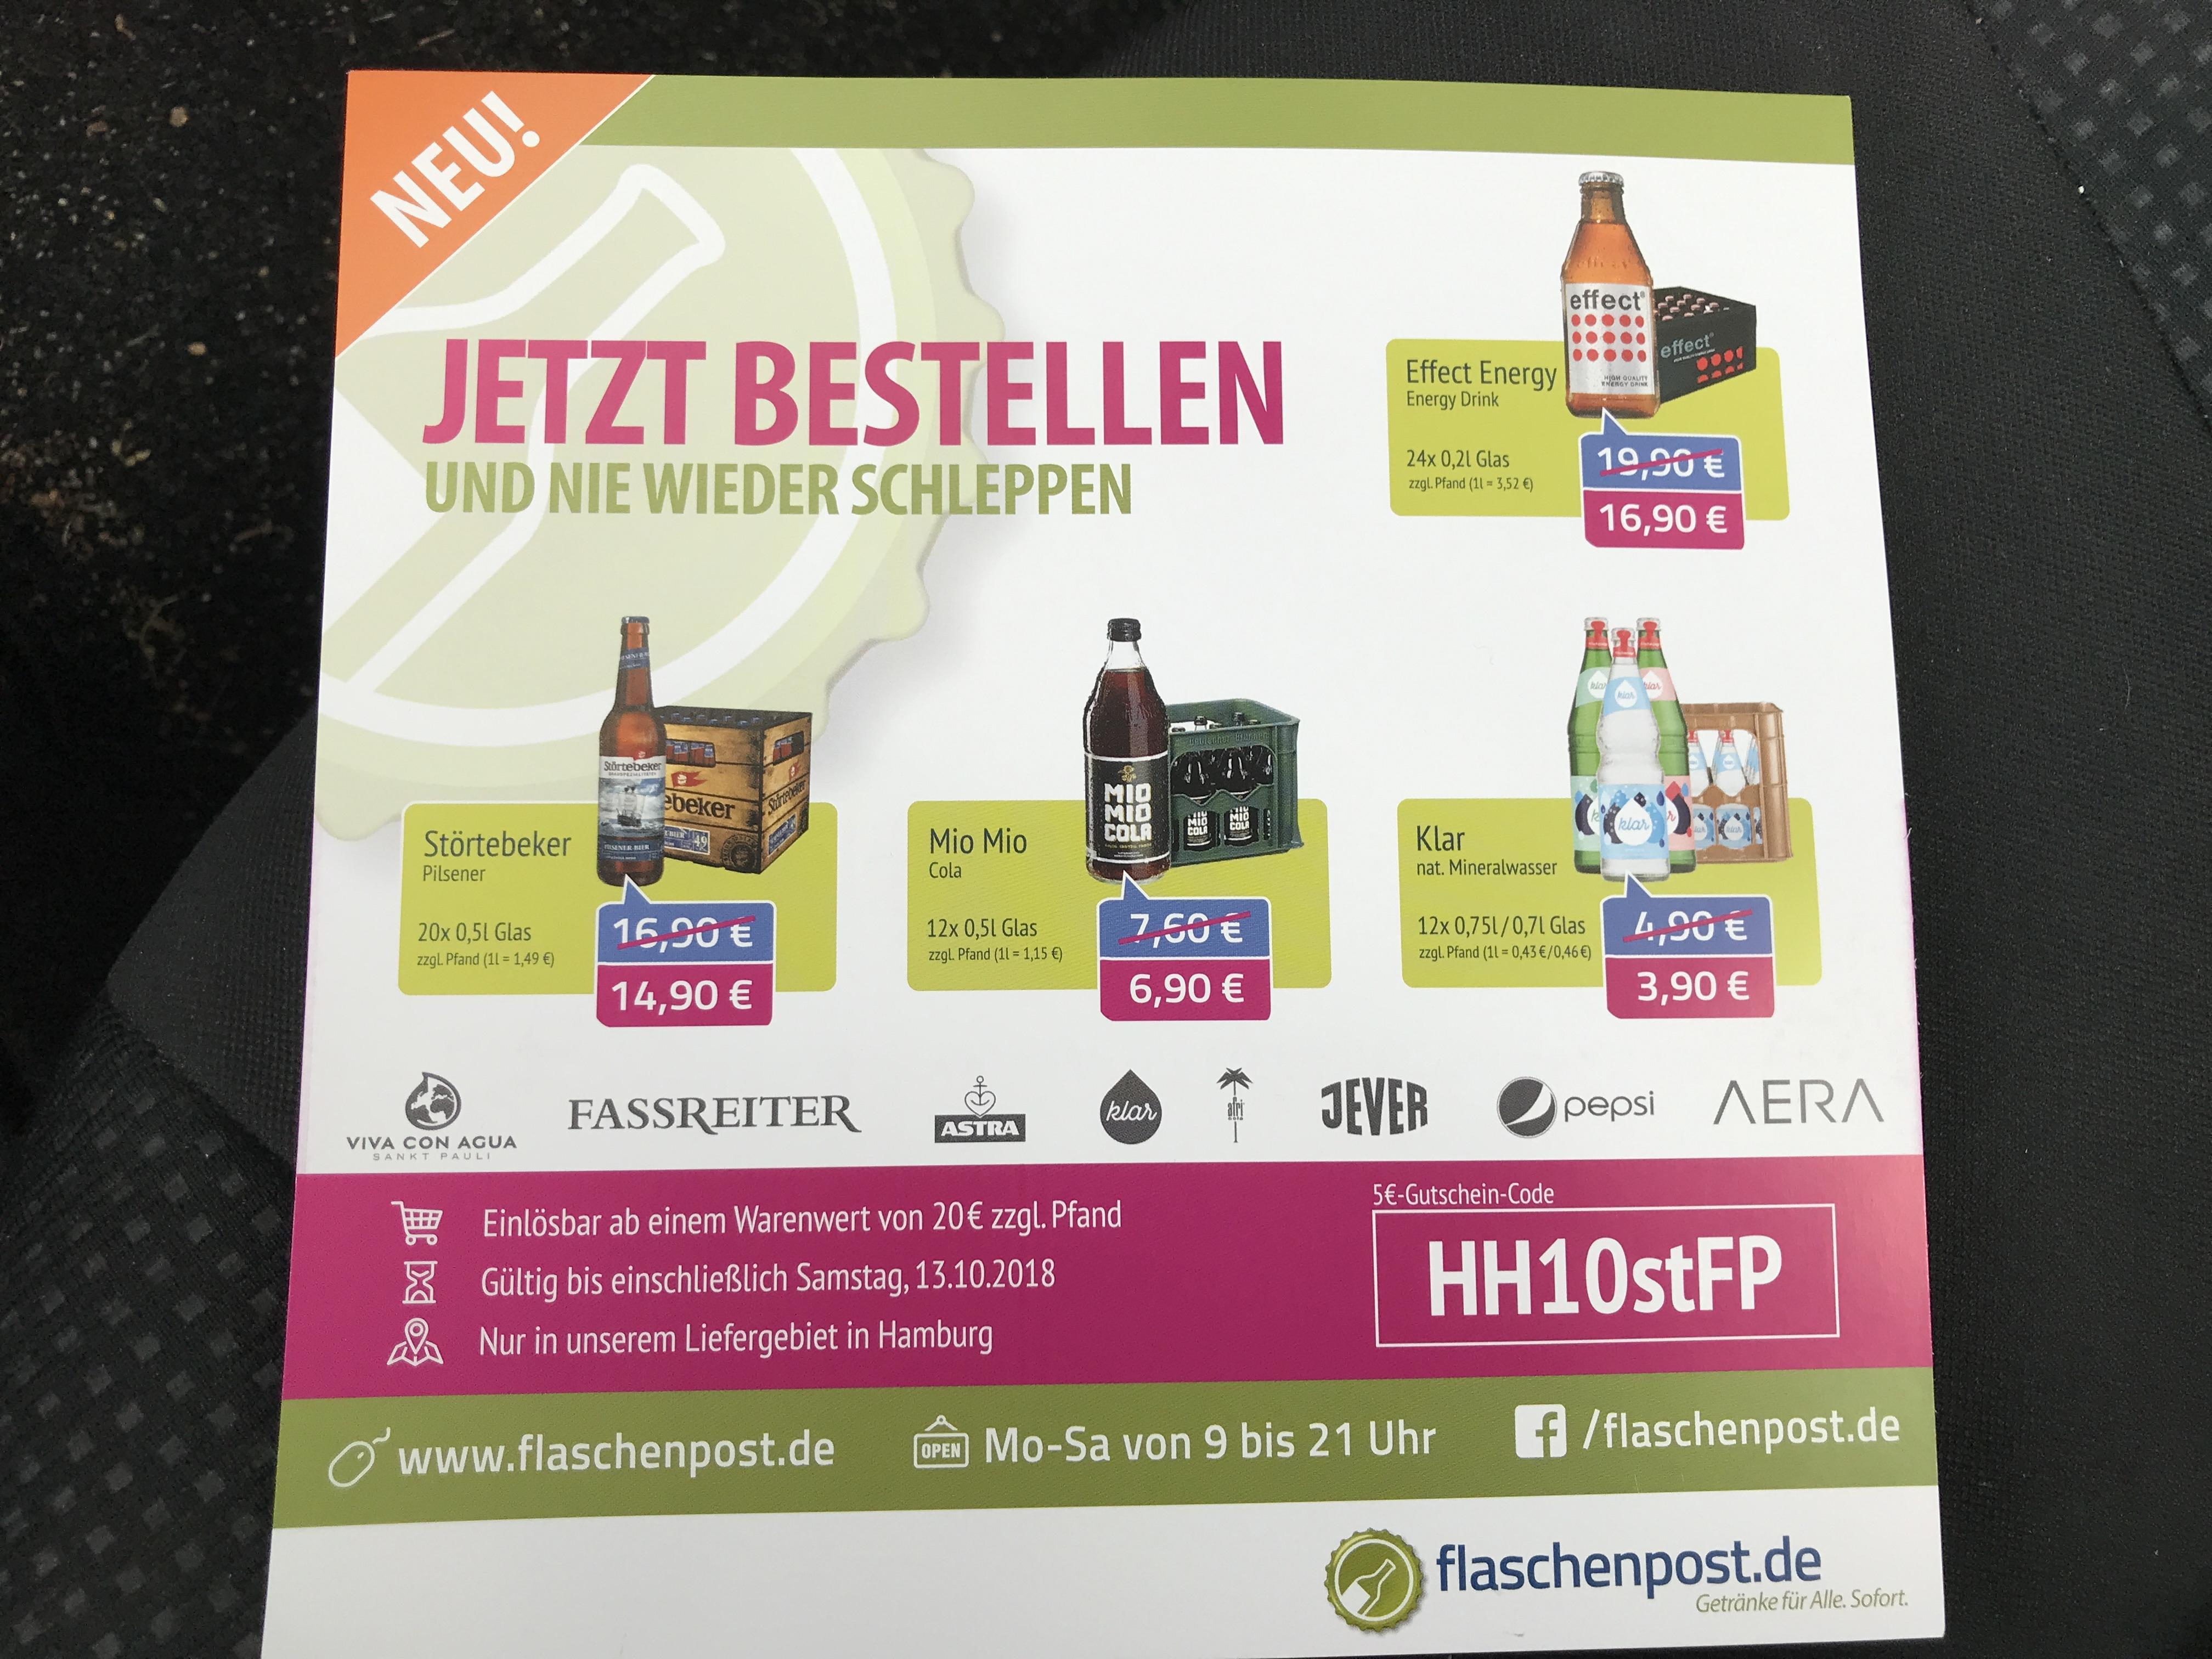 5 Euro Gutschein bei Flaschenpost.de (MBW 20 Euro) - Bundesweit - laut Community Rückmeldungen